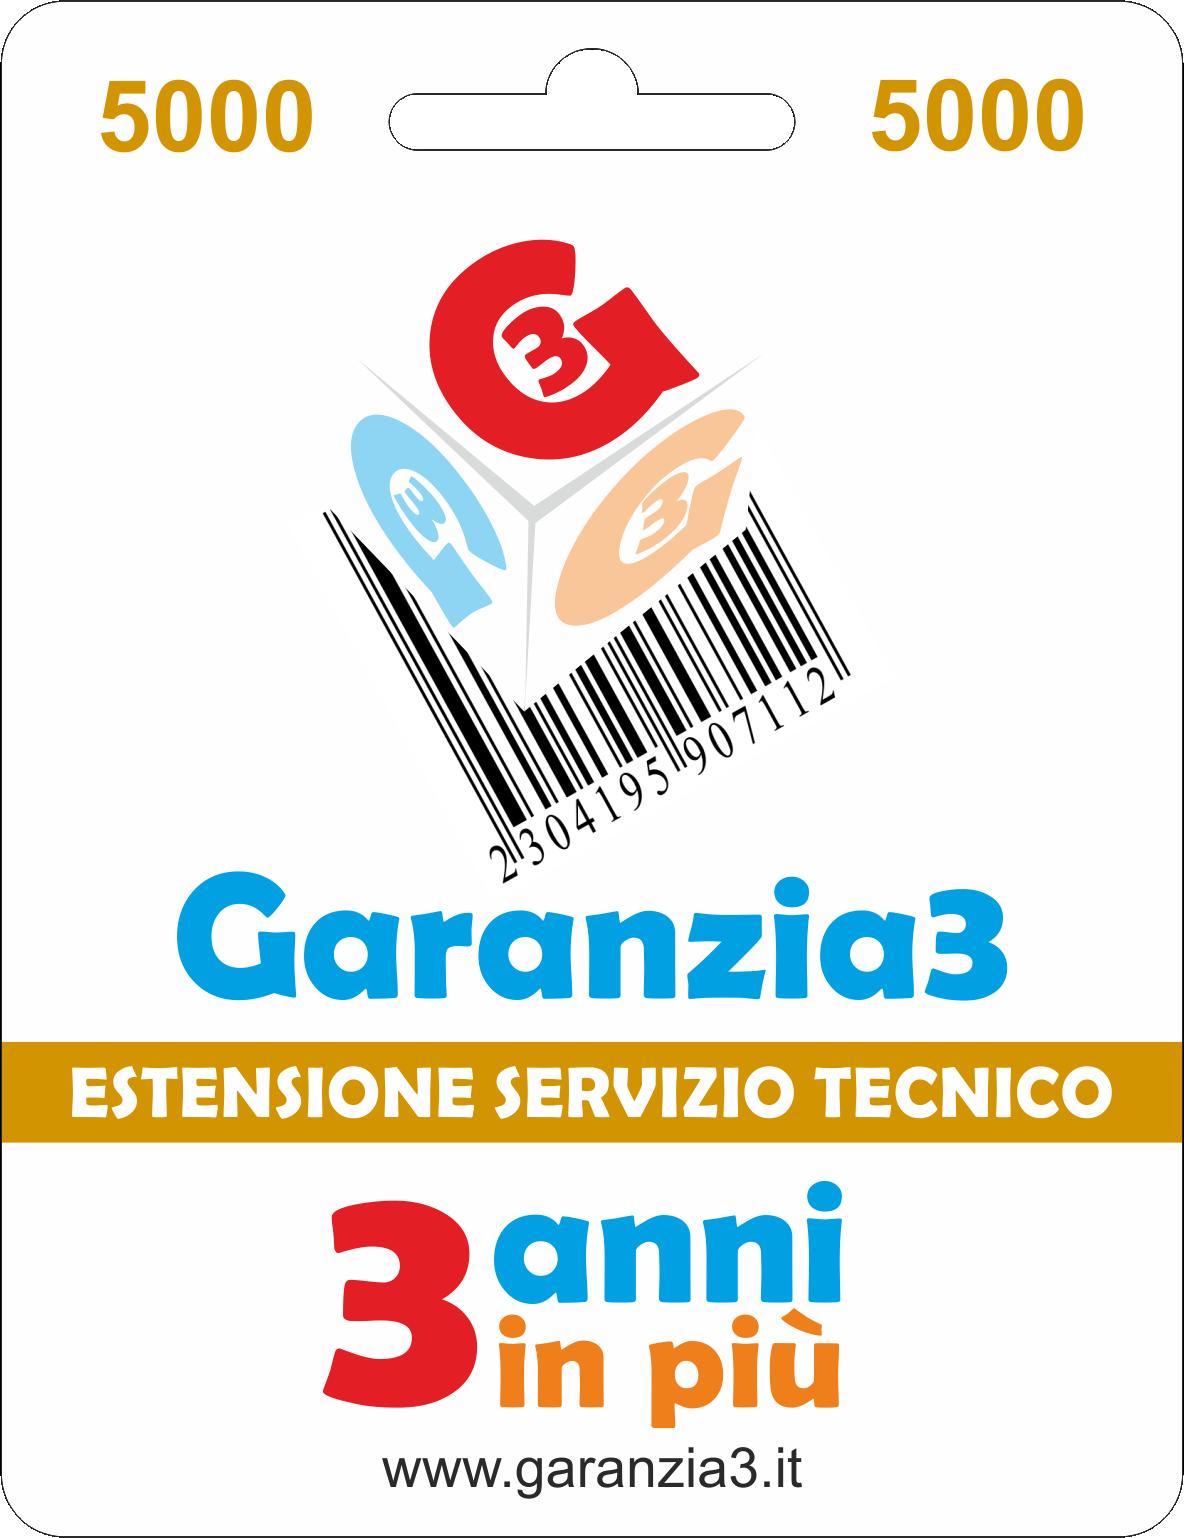 Garanzia3 5000 - Dagimarket